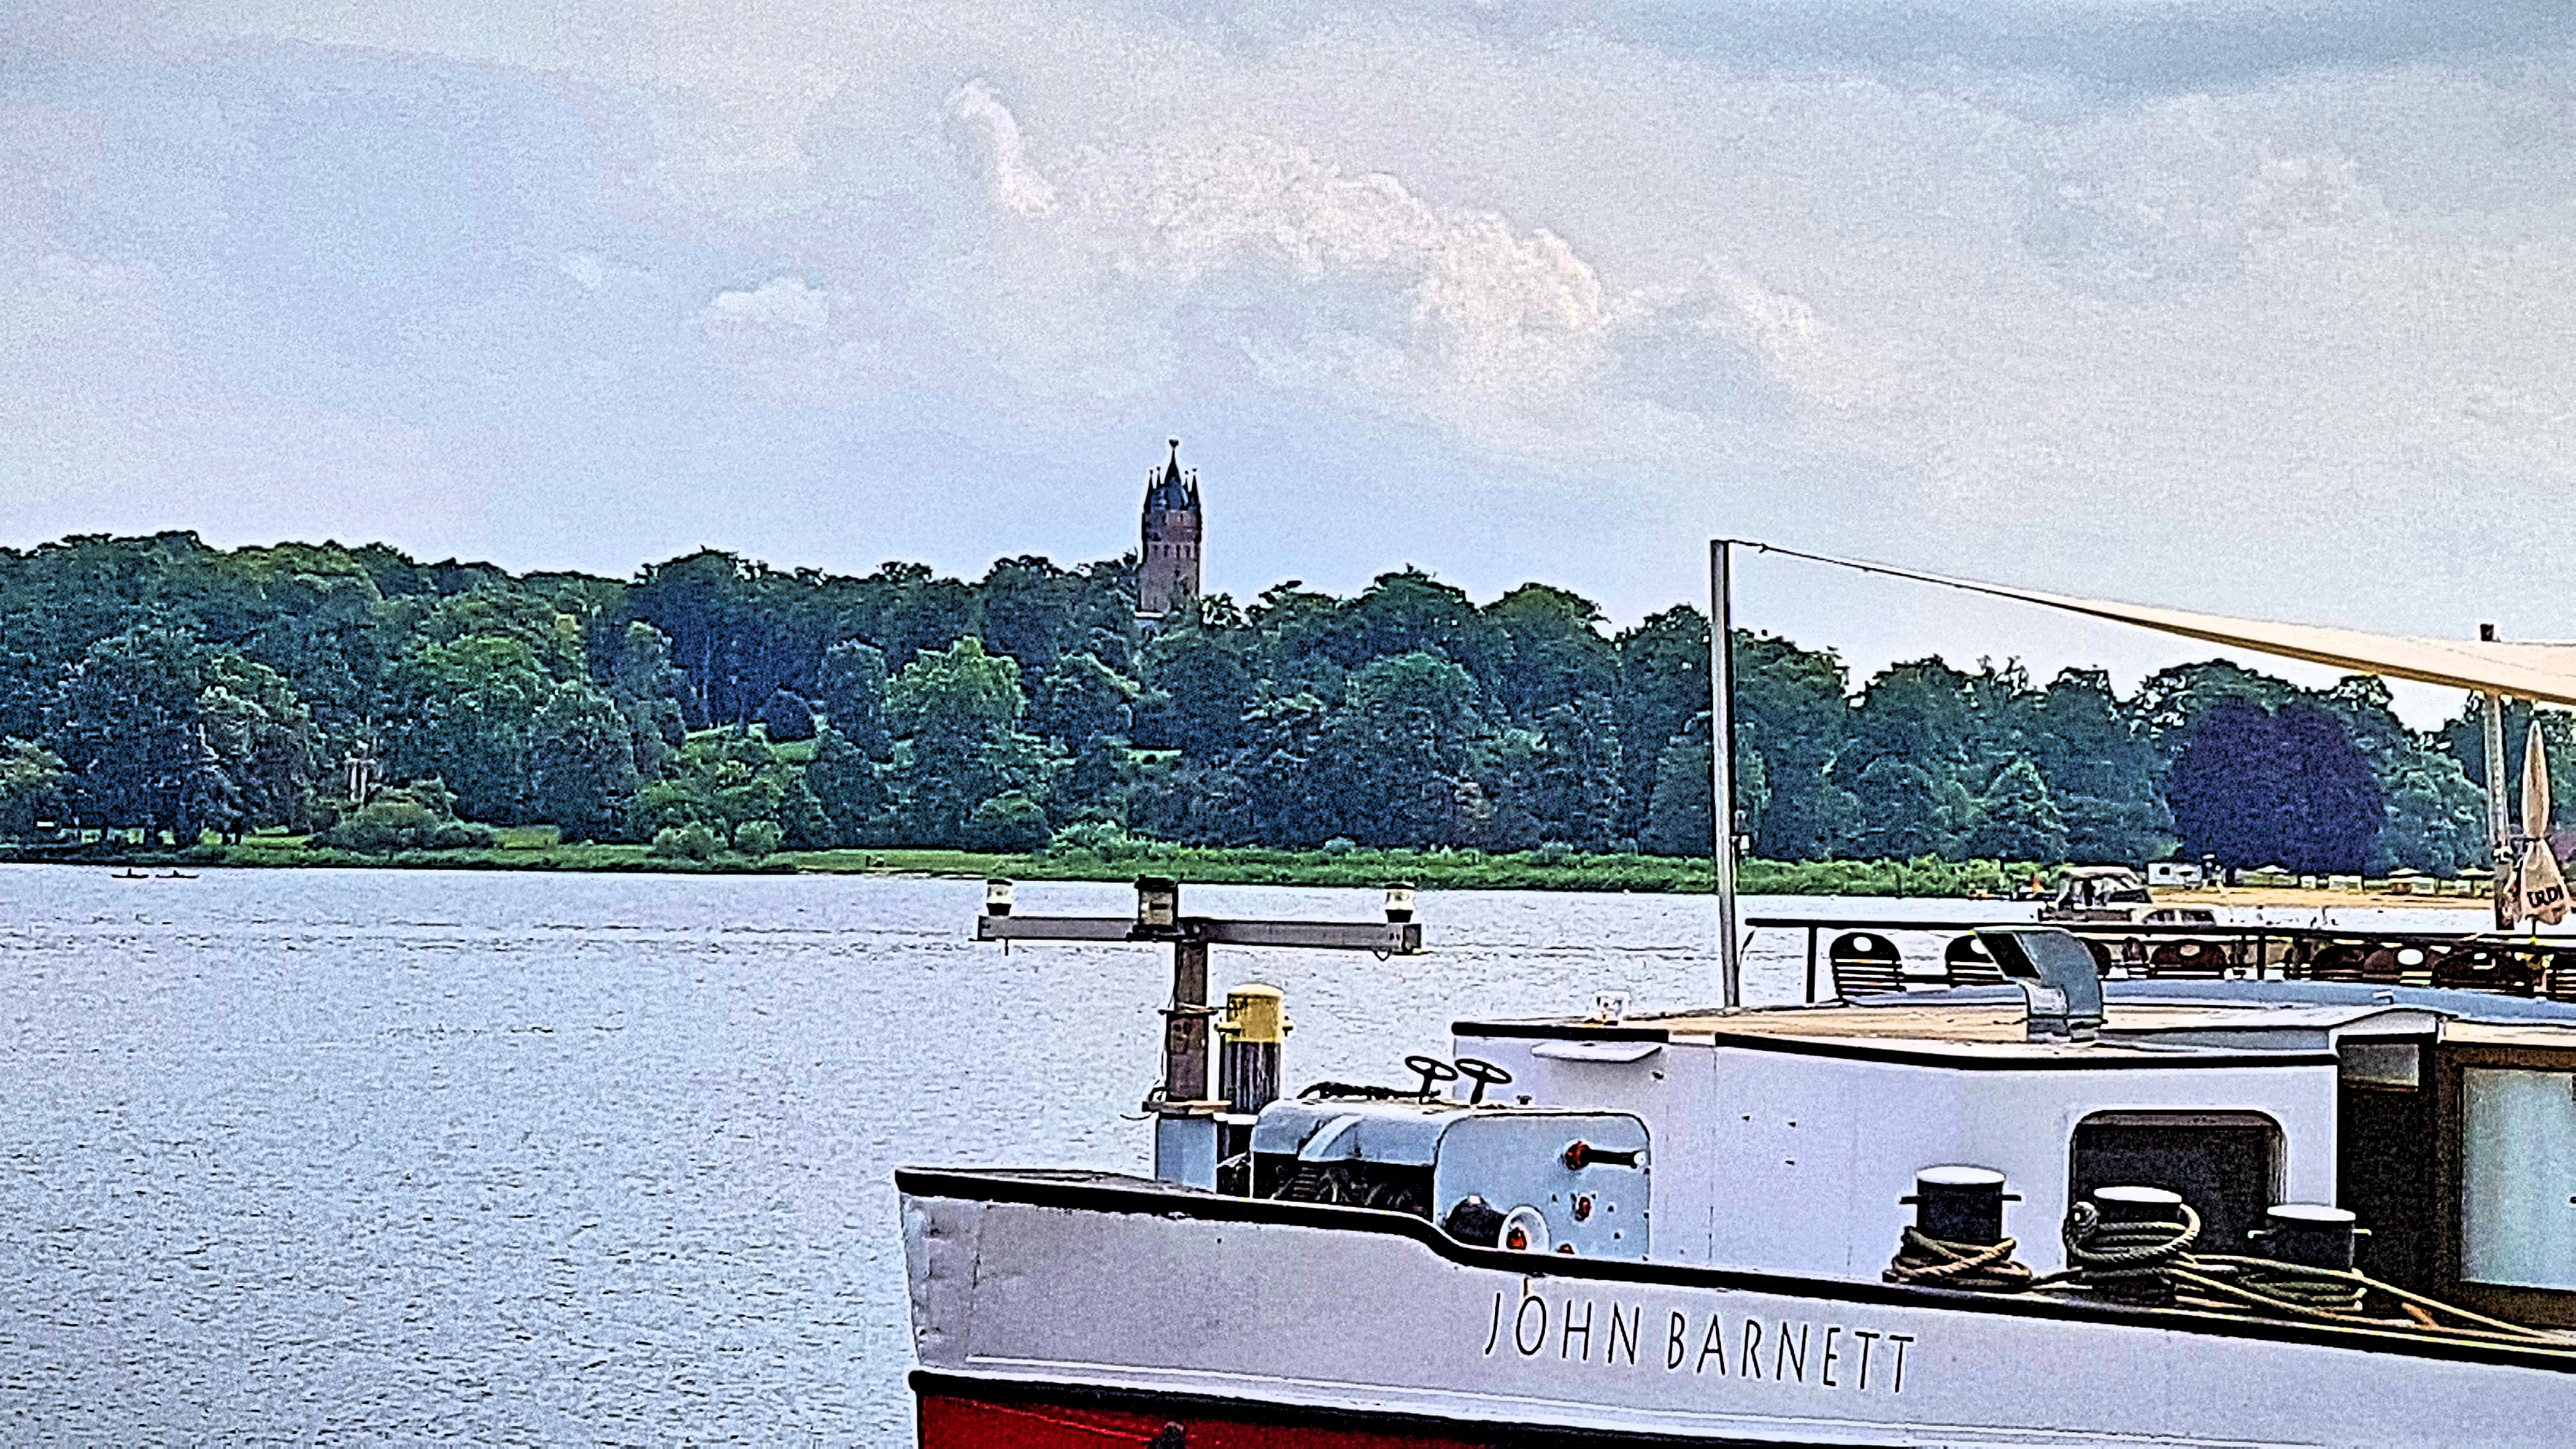 Babelsberger Schlosspark Flatowturm Potsdam Brandenburg